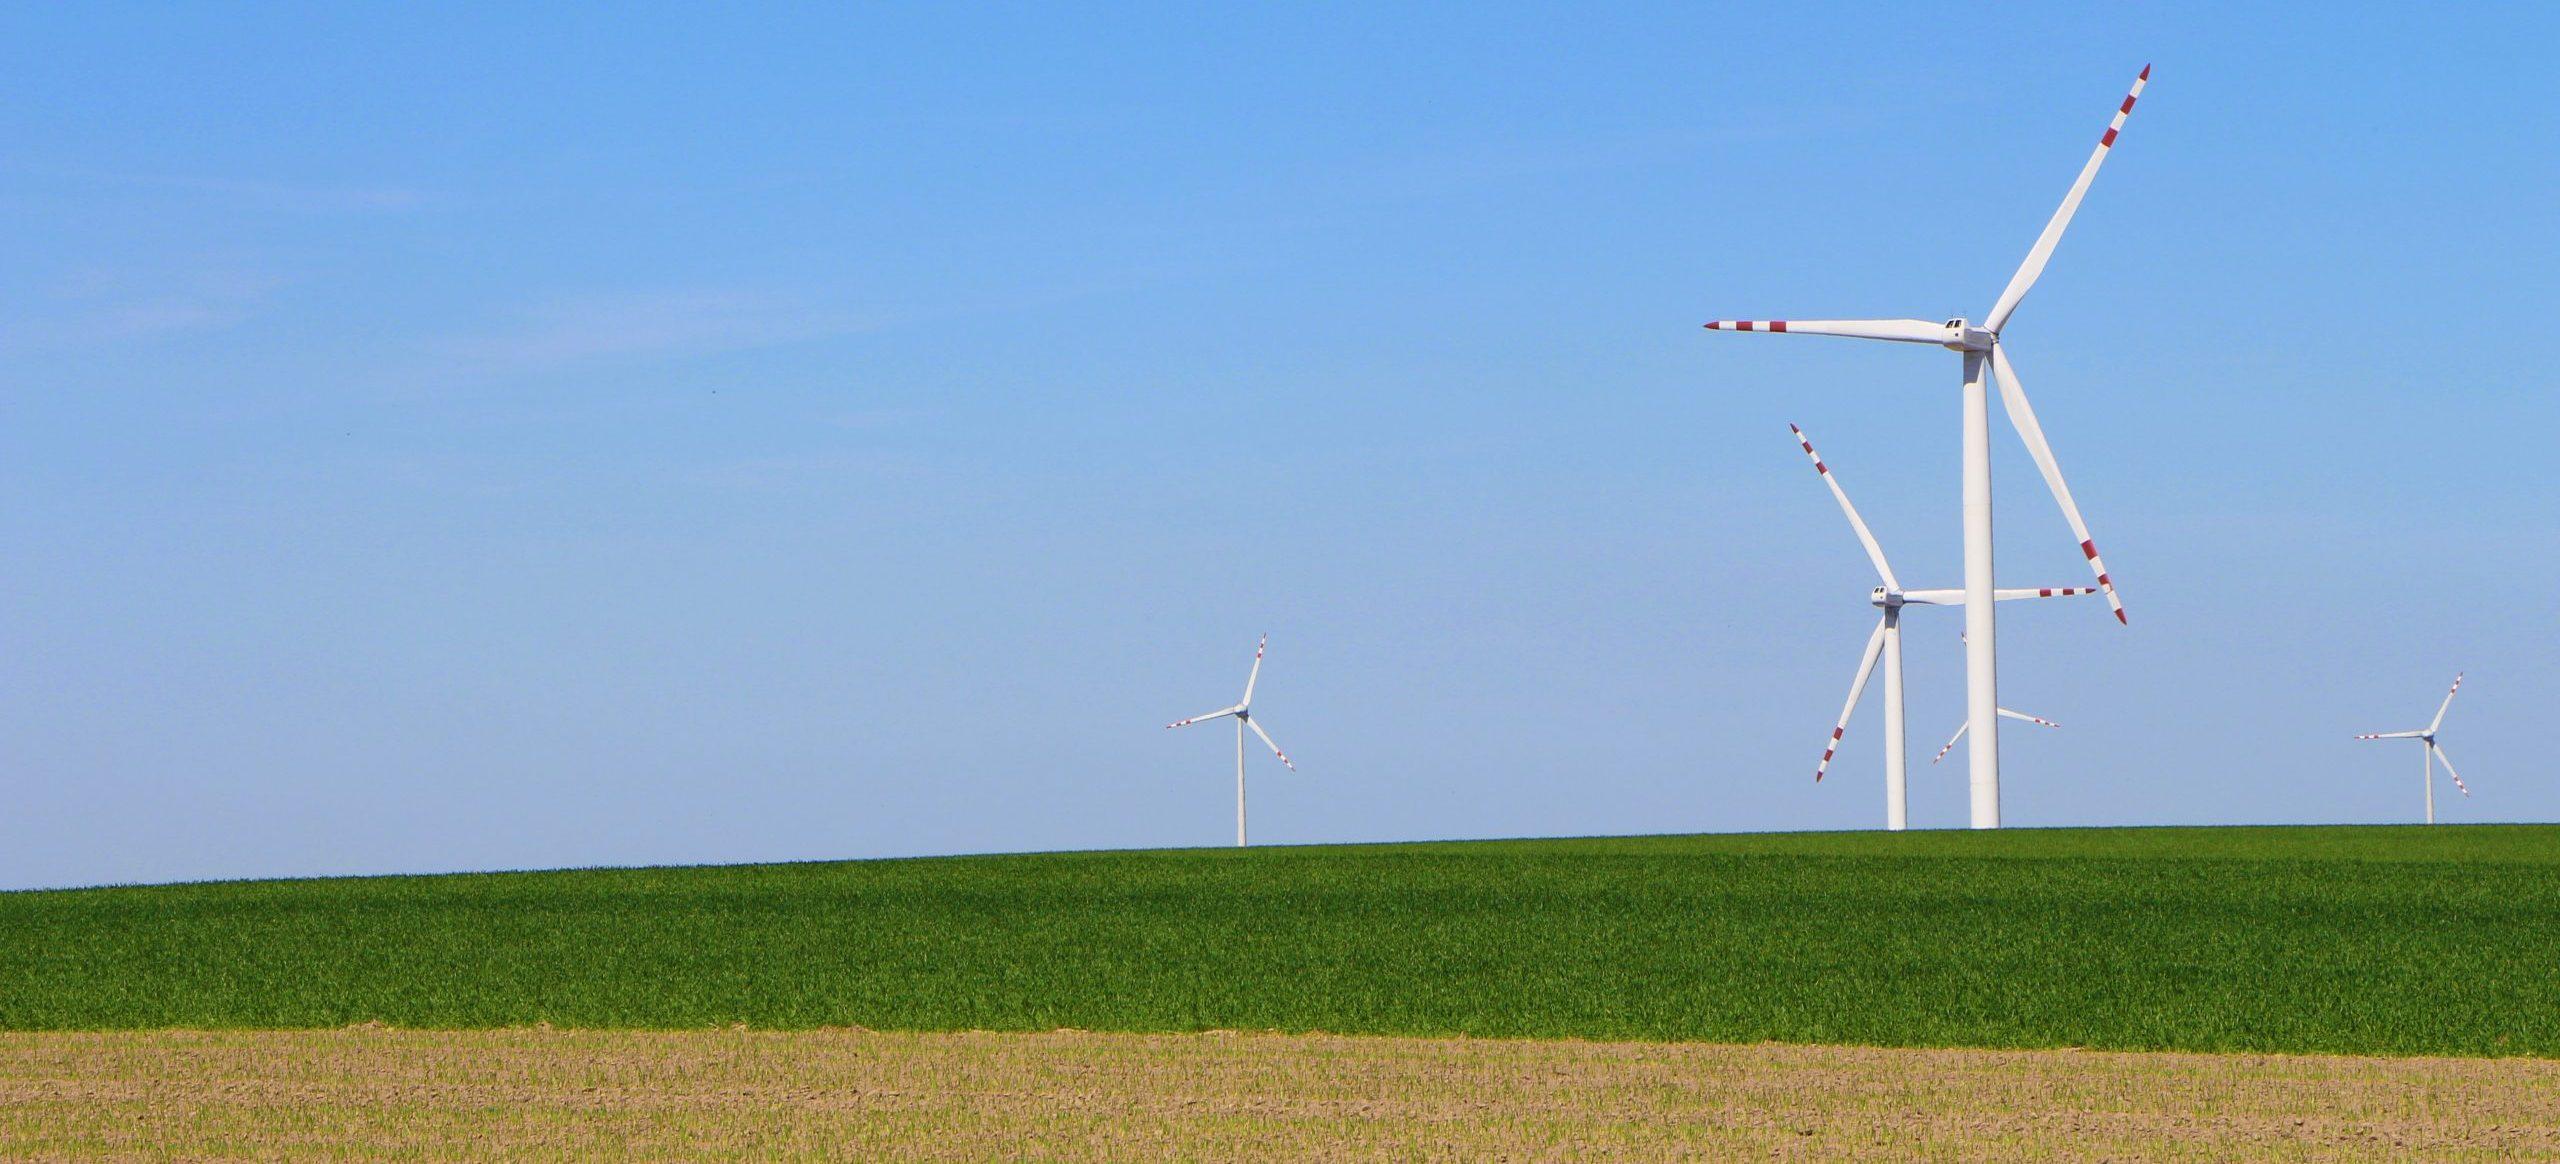 Windmolens, windenergie Nuon Vattenfall